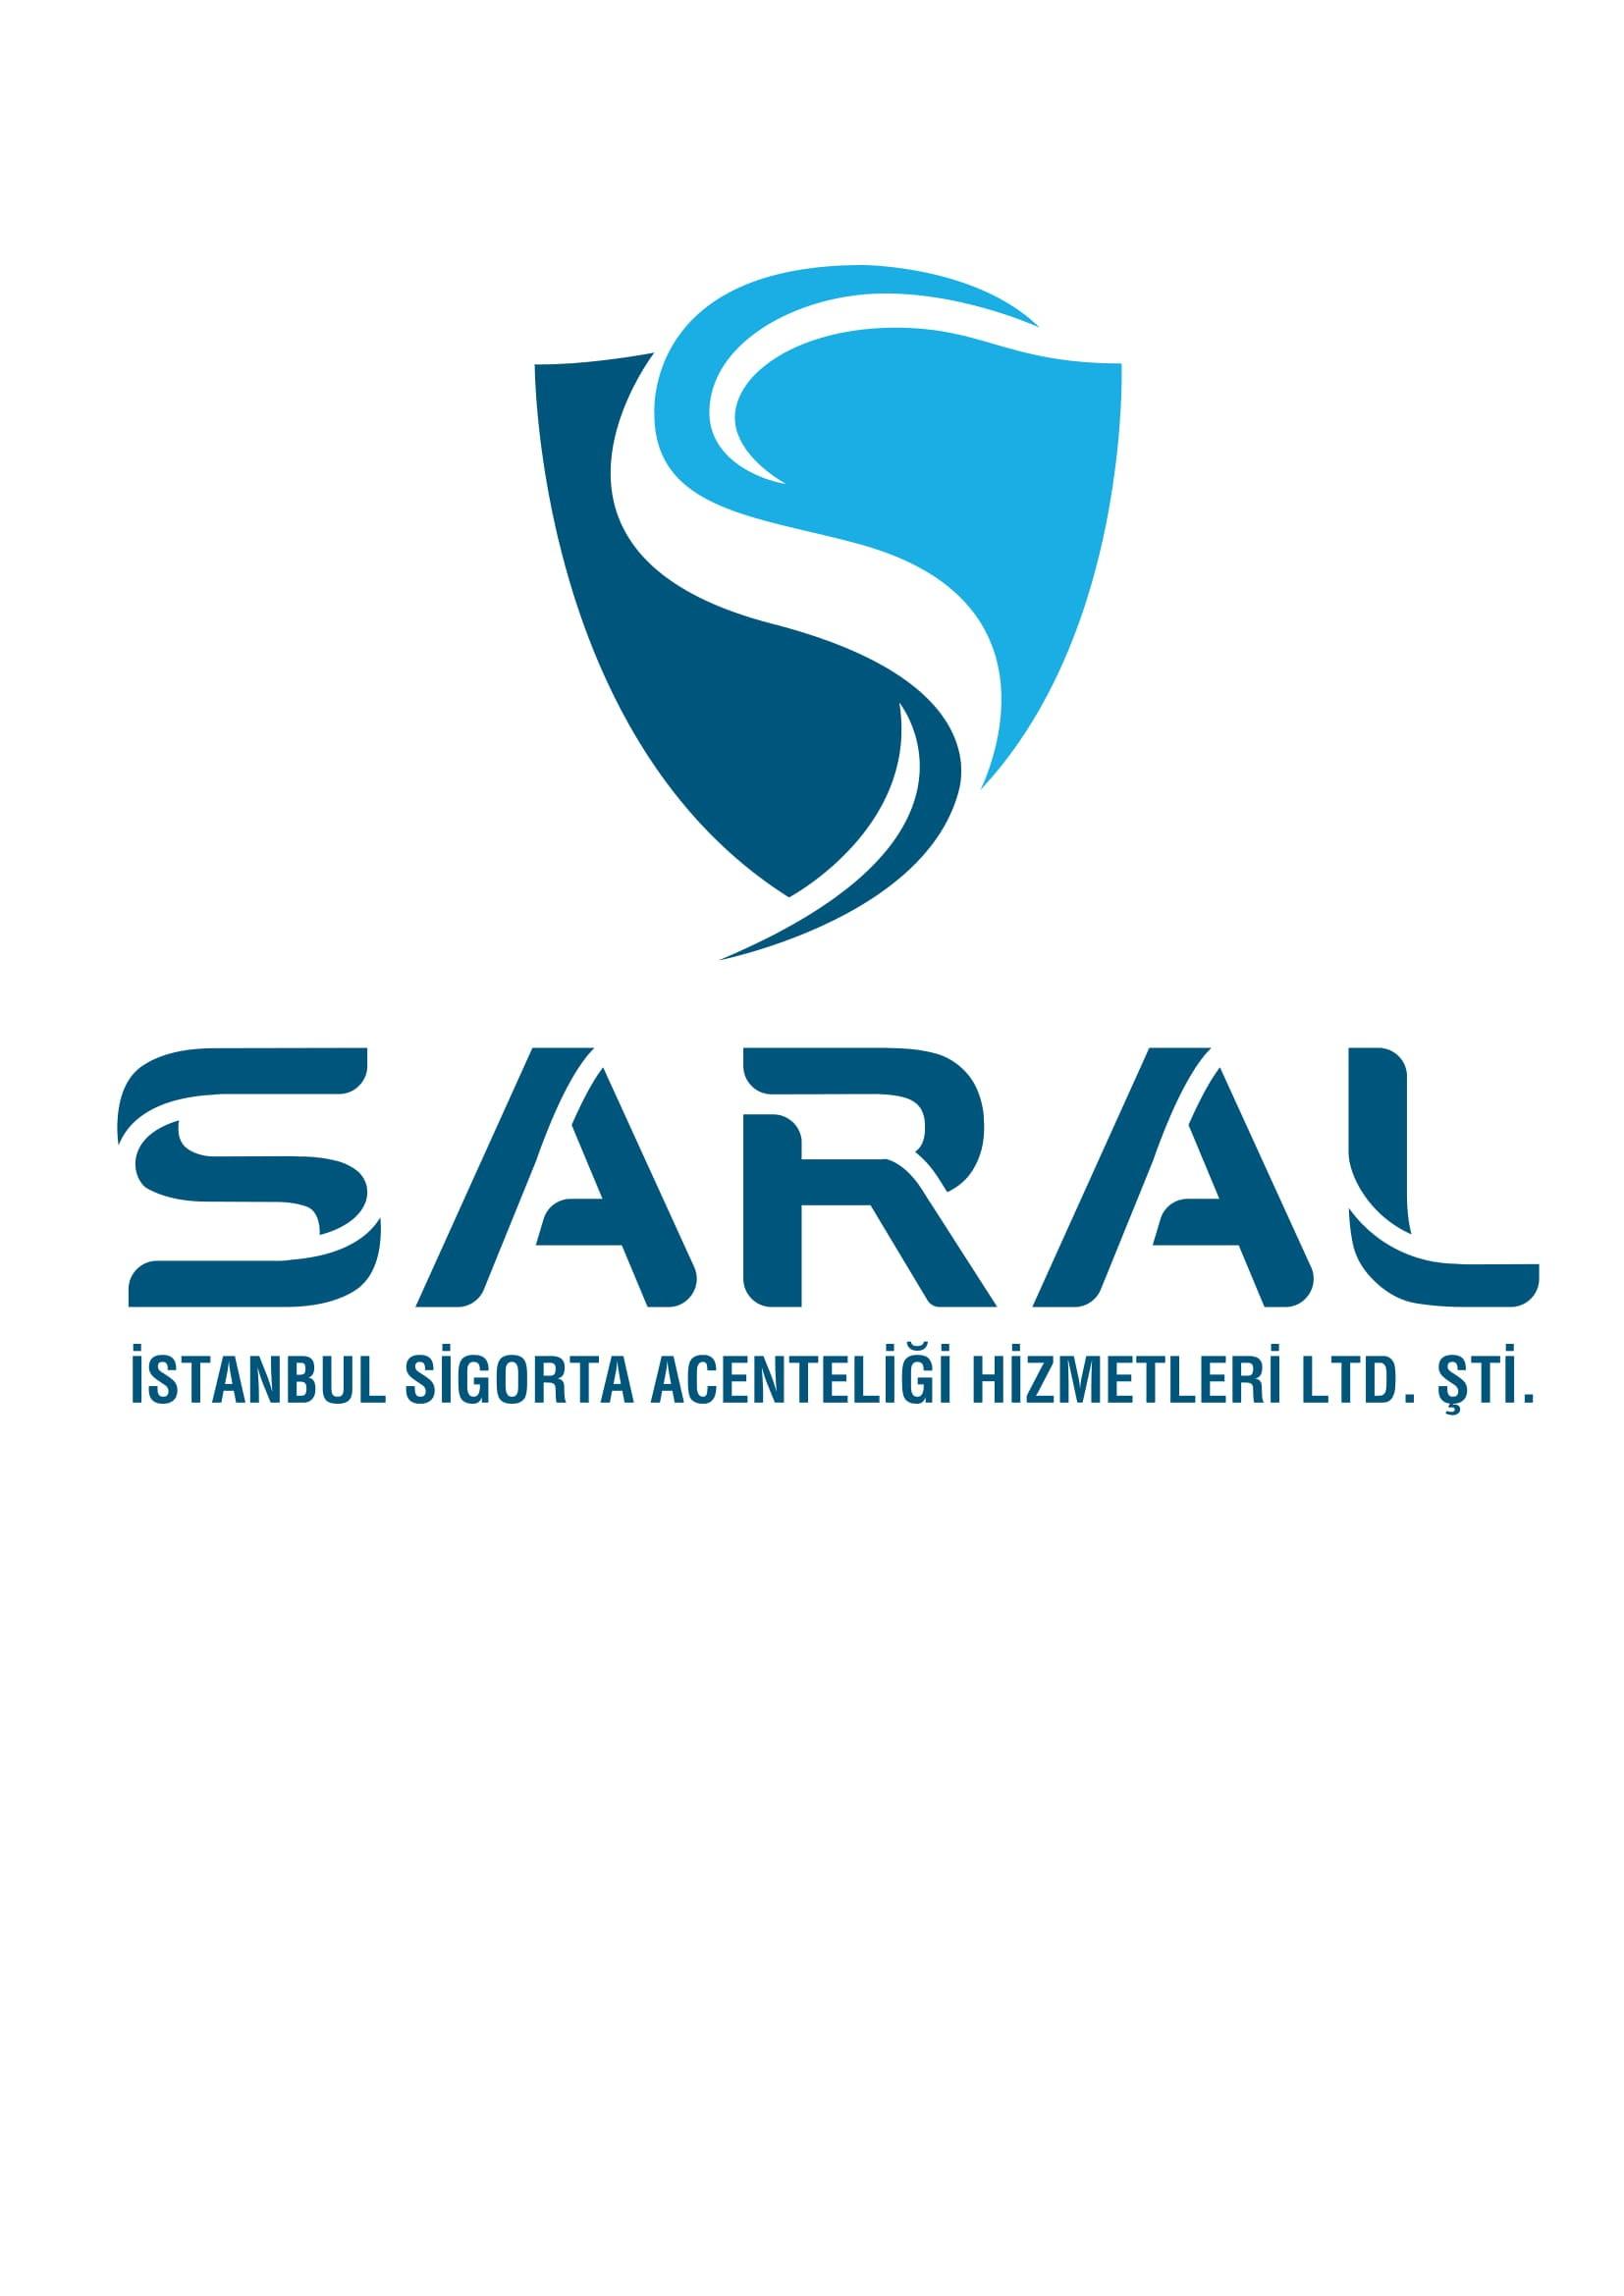 SARAL İSTANBUL SİGORTA ACENTELİĞİ HİZMETLERİ